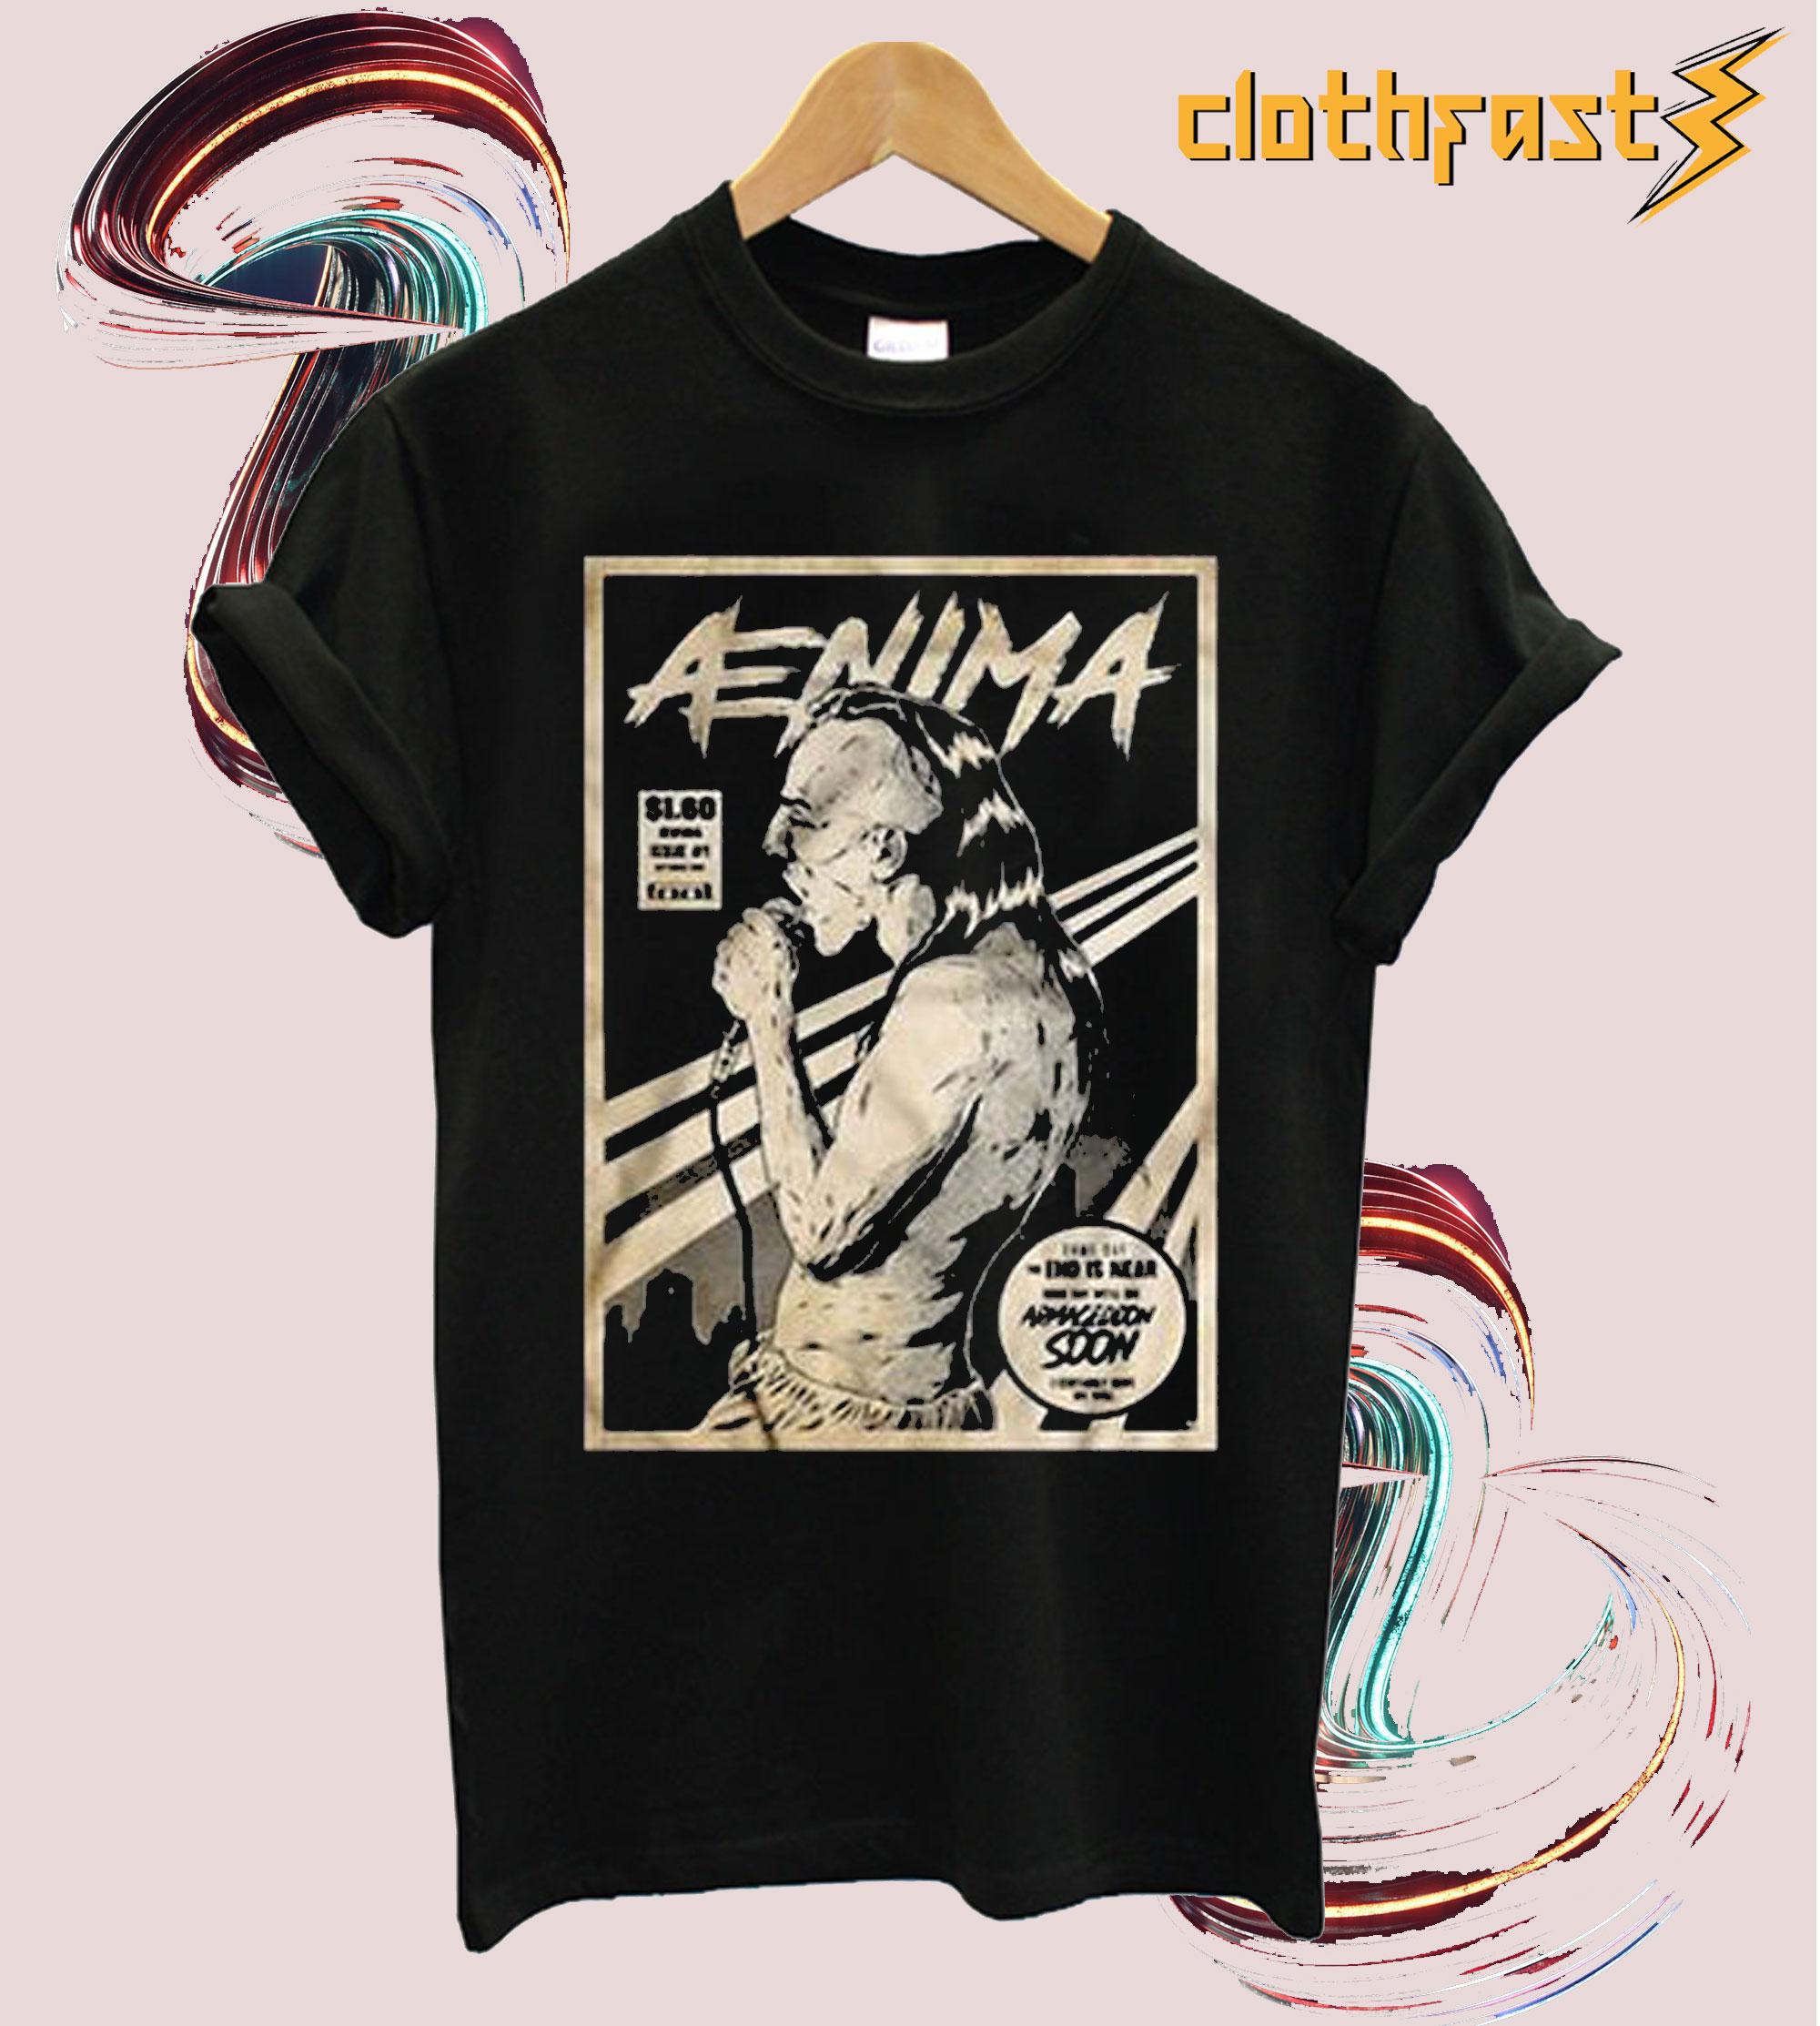 Aenima T-Shirt